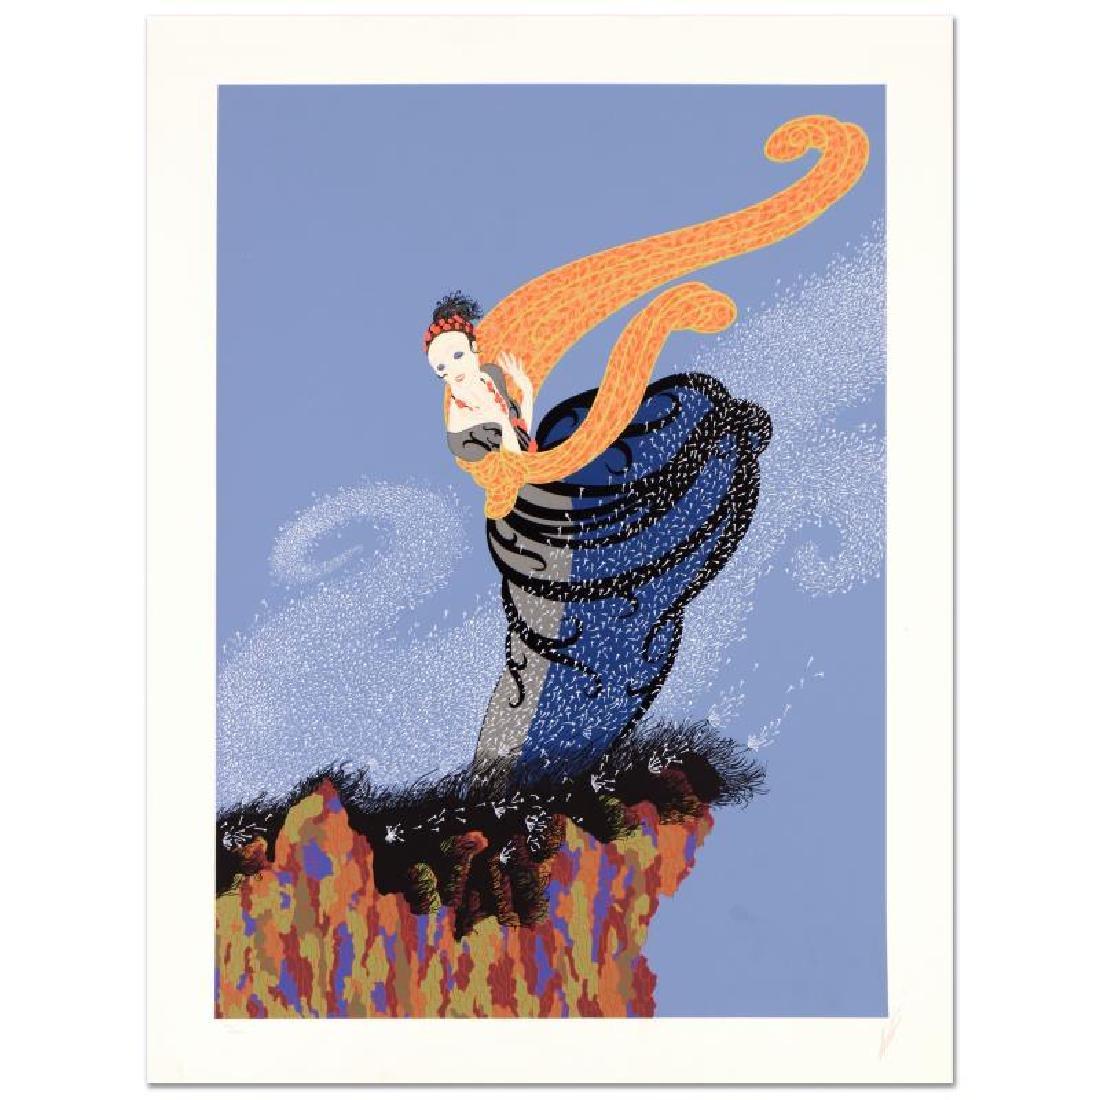 Summer Breeze by Erte (1892-1990)